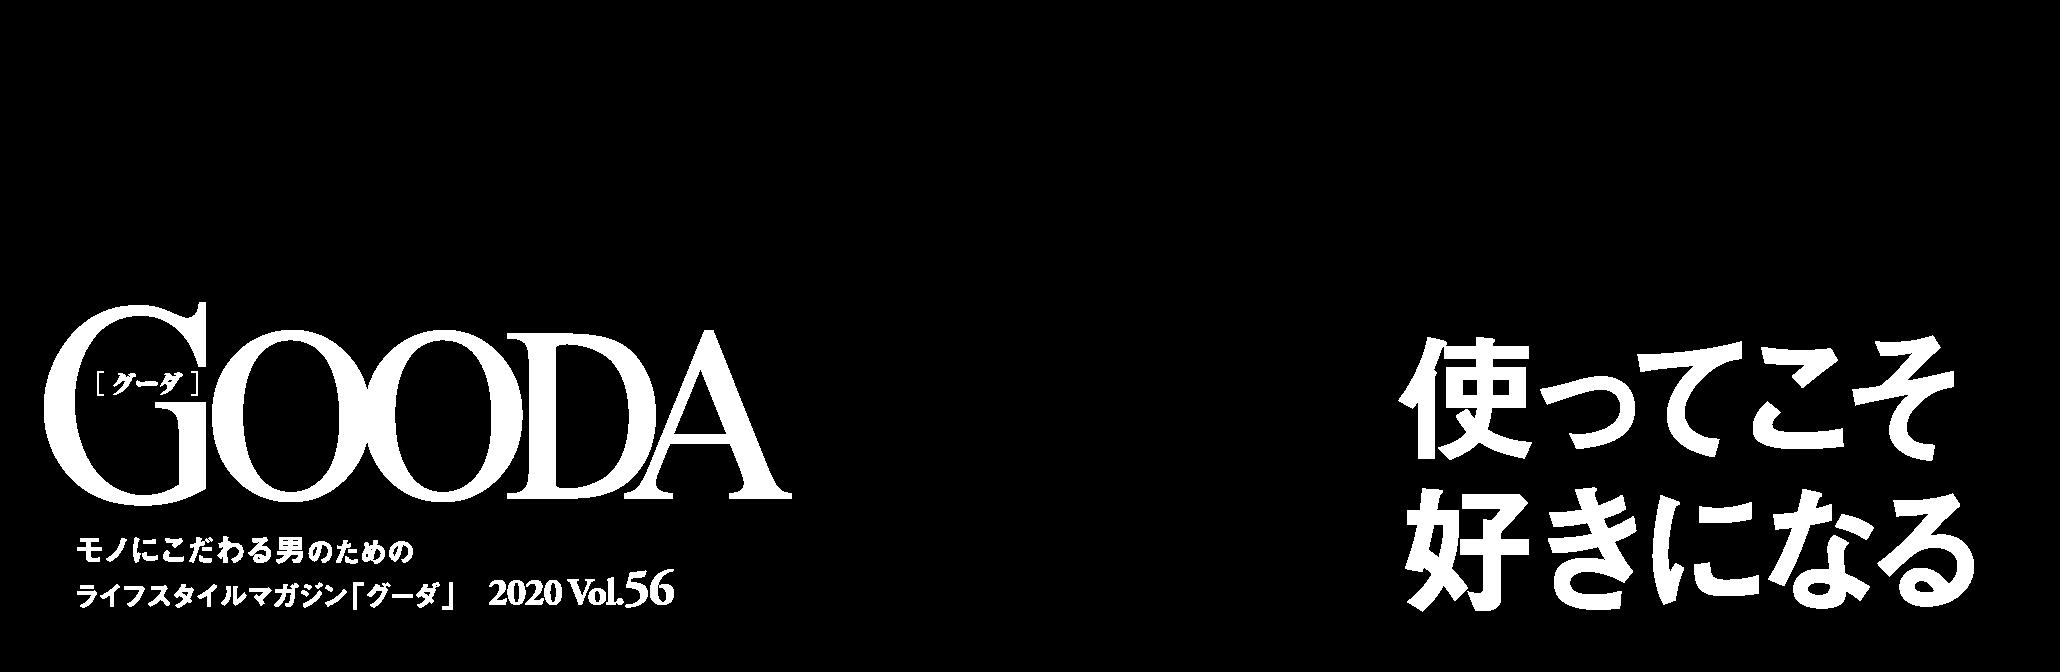 モノにこだわる男のためのライフスタイルマガジン「グーダ」 2020 vol.56